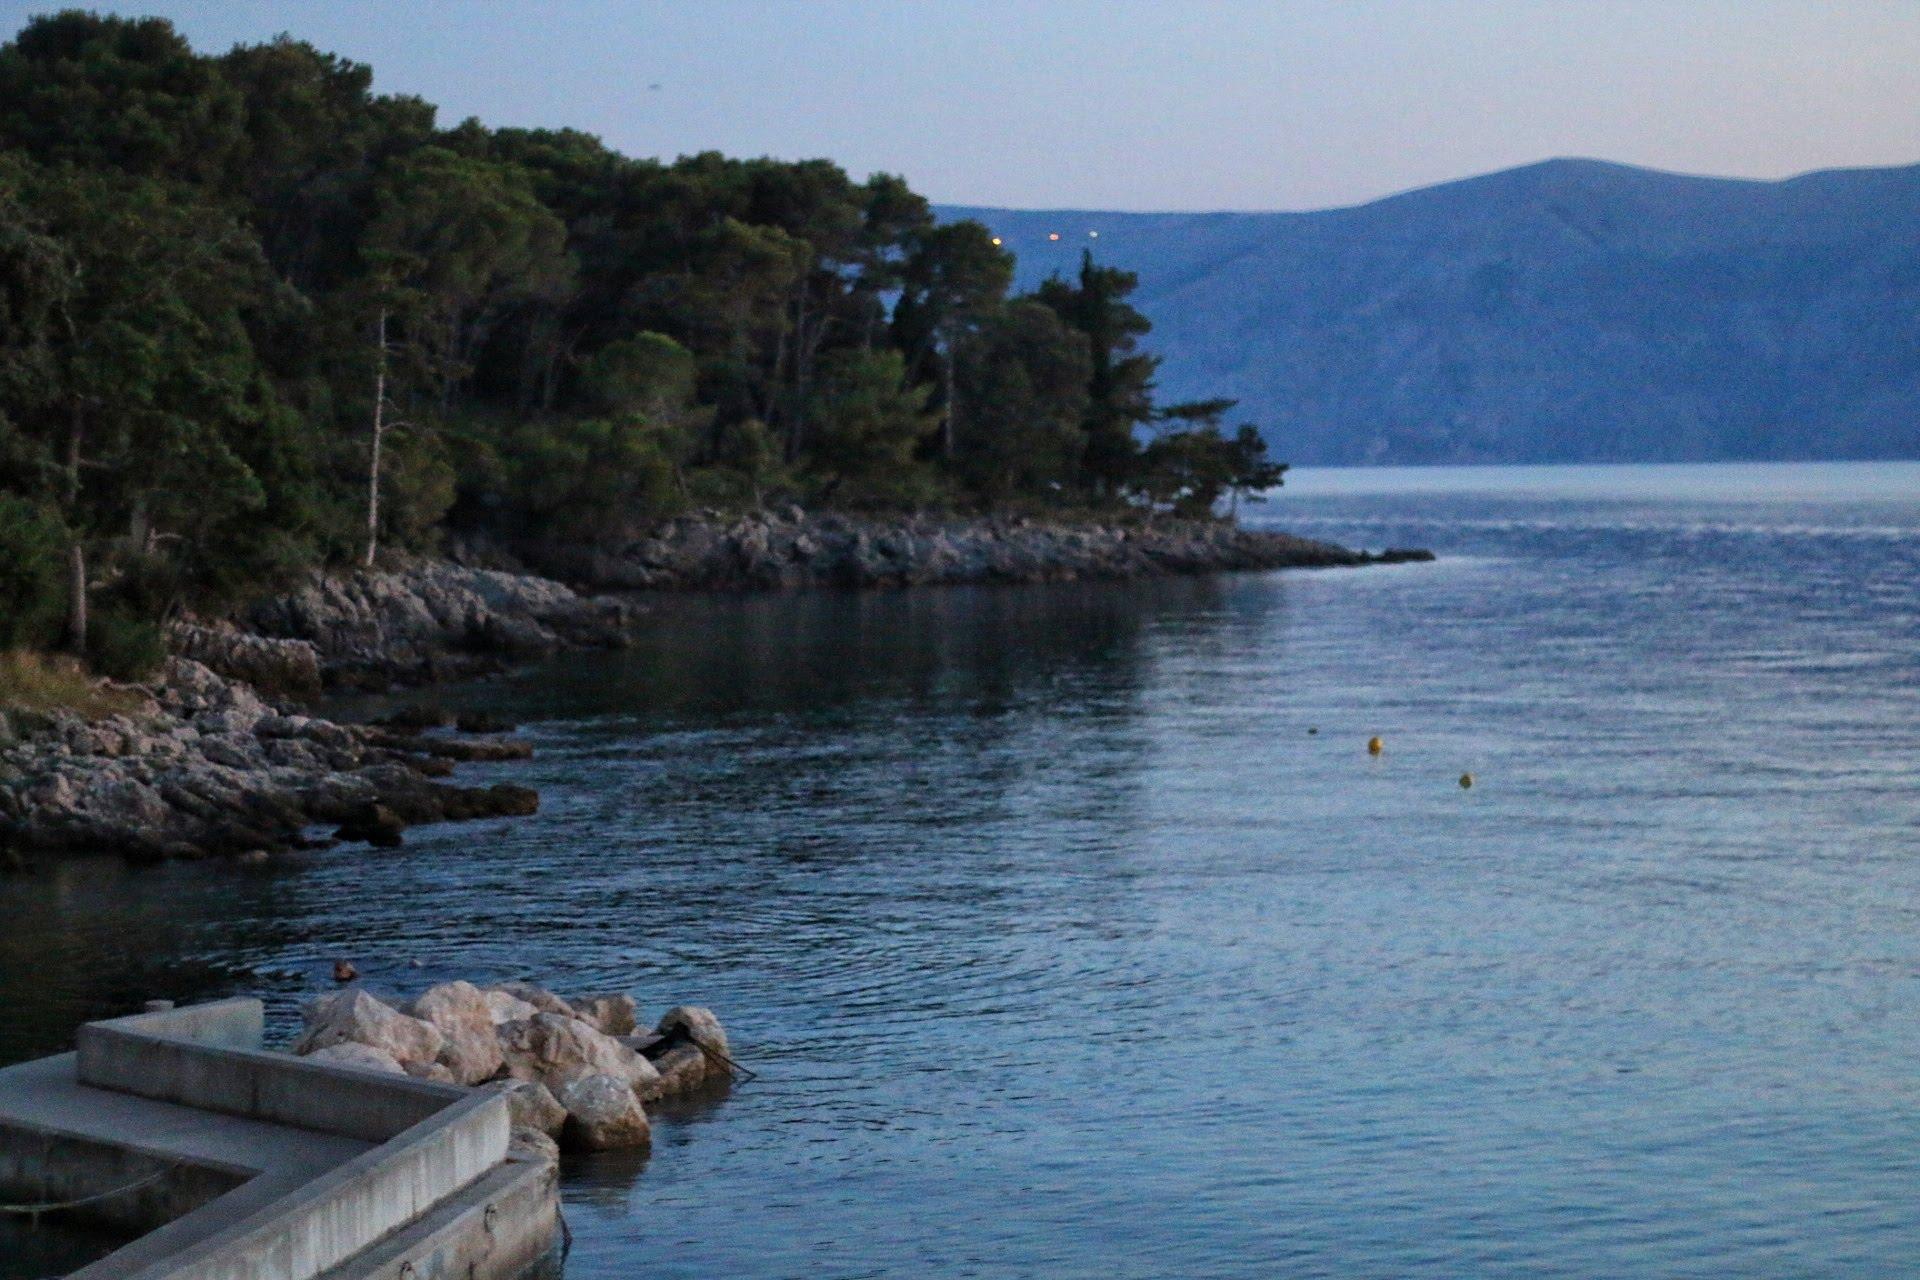 Zu Hause ist kein Ort das bist du Kroatien Fussel Urlaub reisen Roadtrip